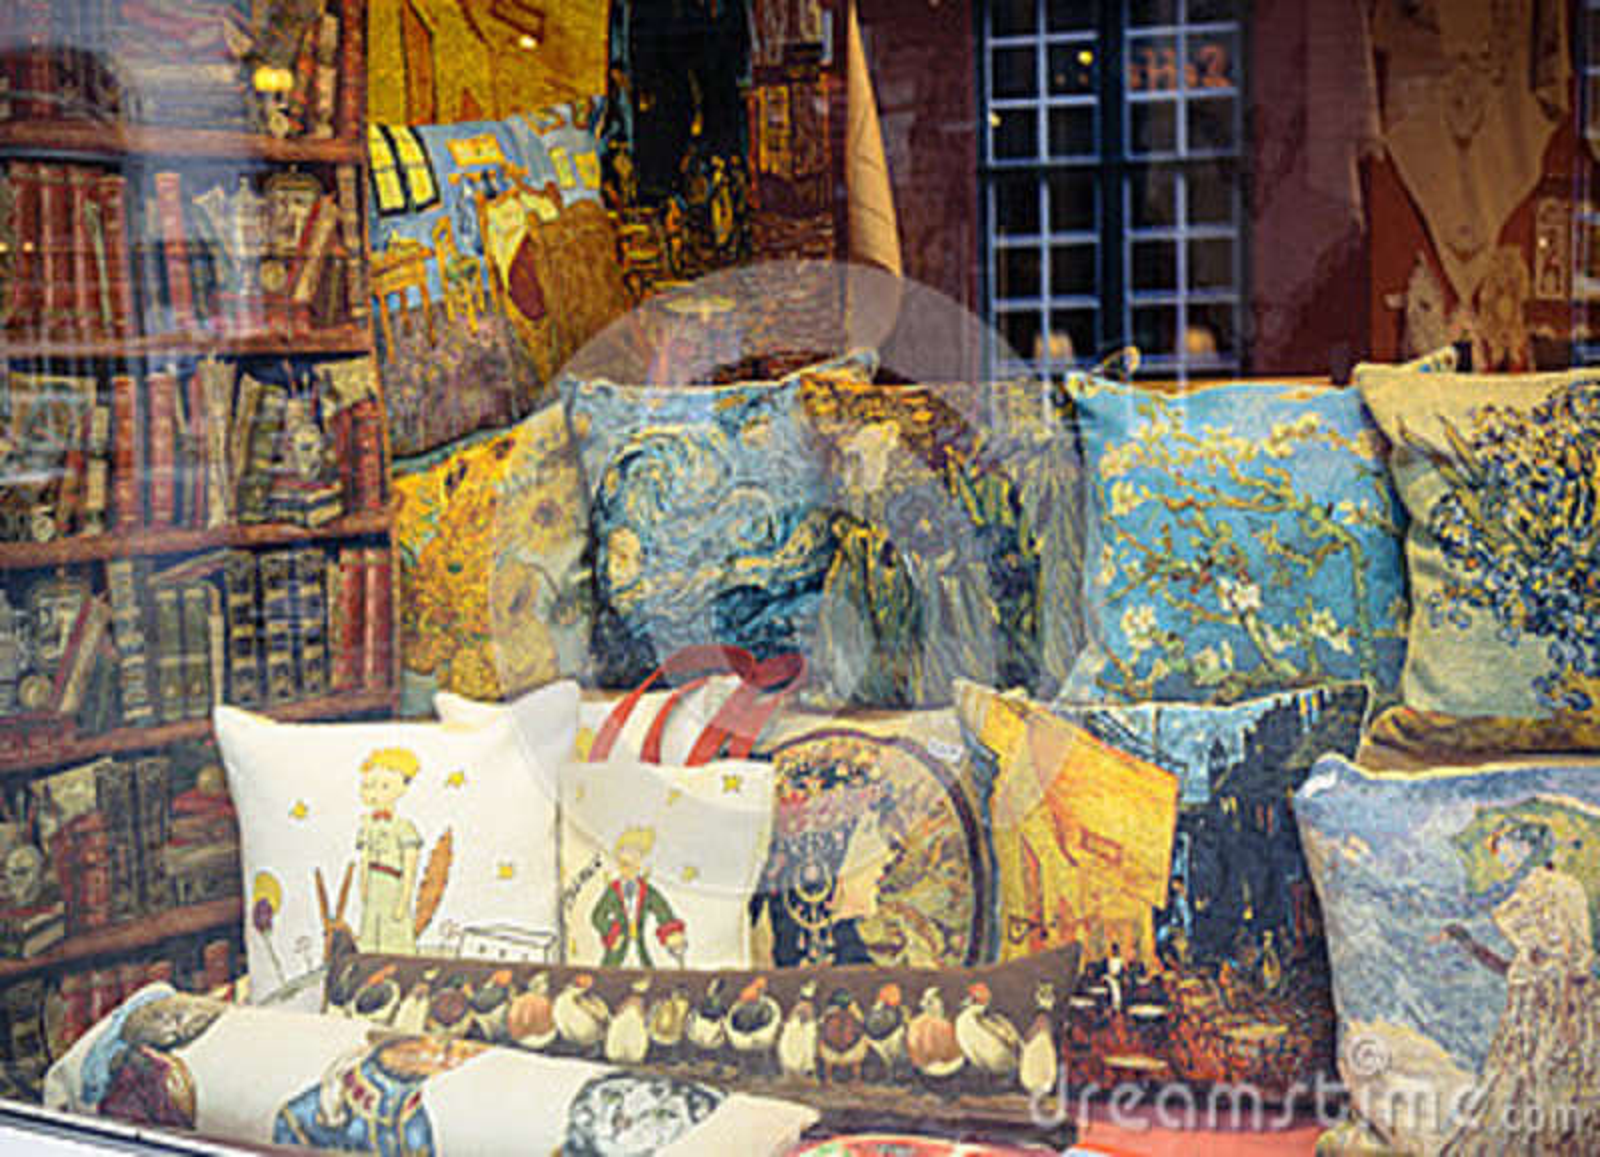 Negozio Cuscini.Cuscini Nella Finestra Del Negozio A Bruges Belgio Fotografia